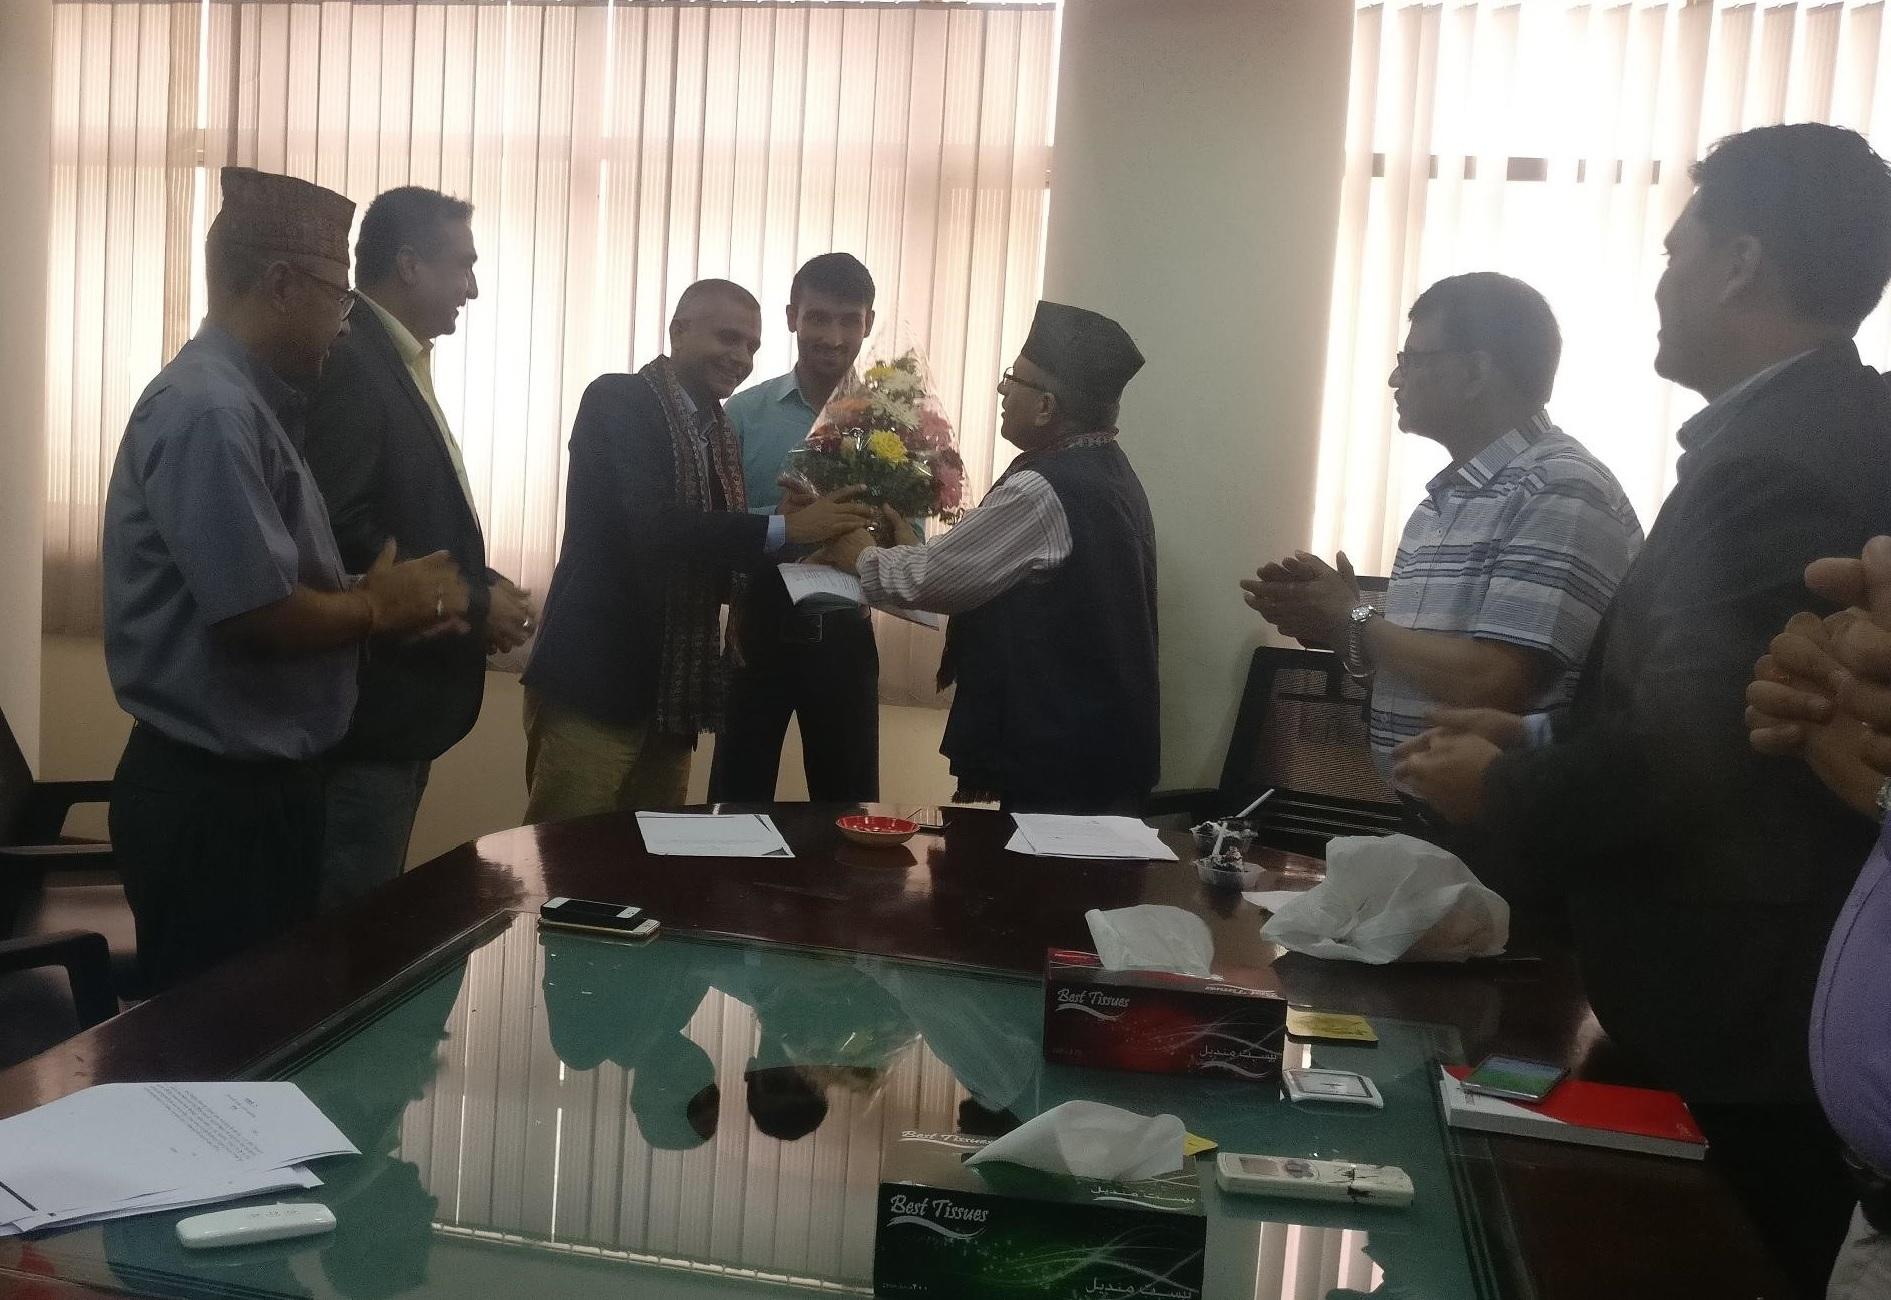 आइएमई लाइफ इन्स्योरेन्सको प्रमुख कार्यकारी अधिकृतमा श्रीचन्द्र भट्ट नियुक्त